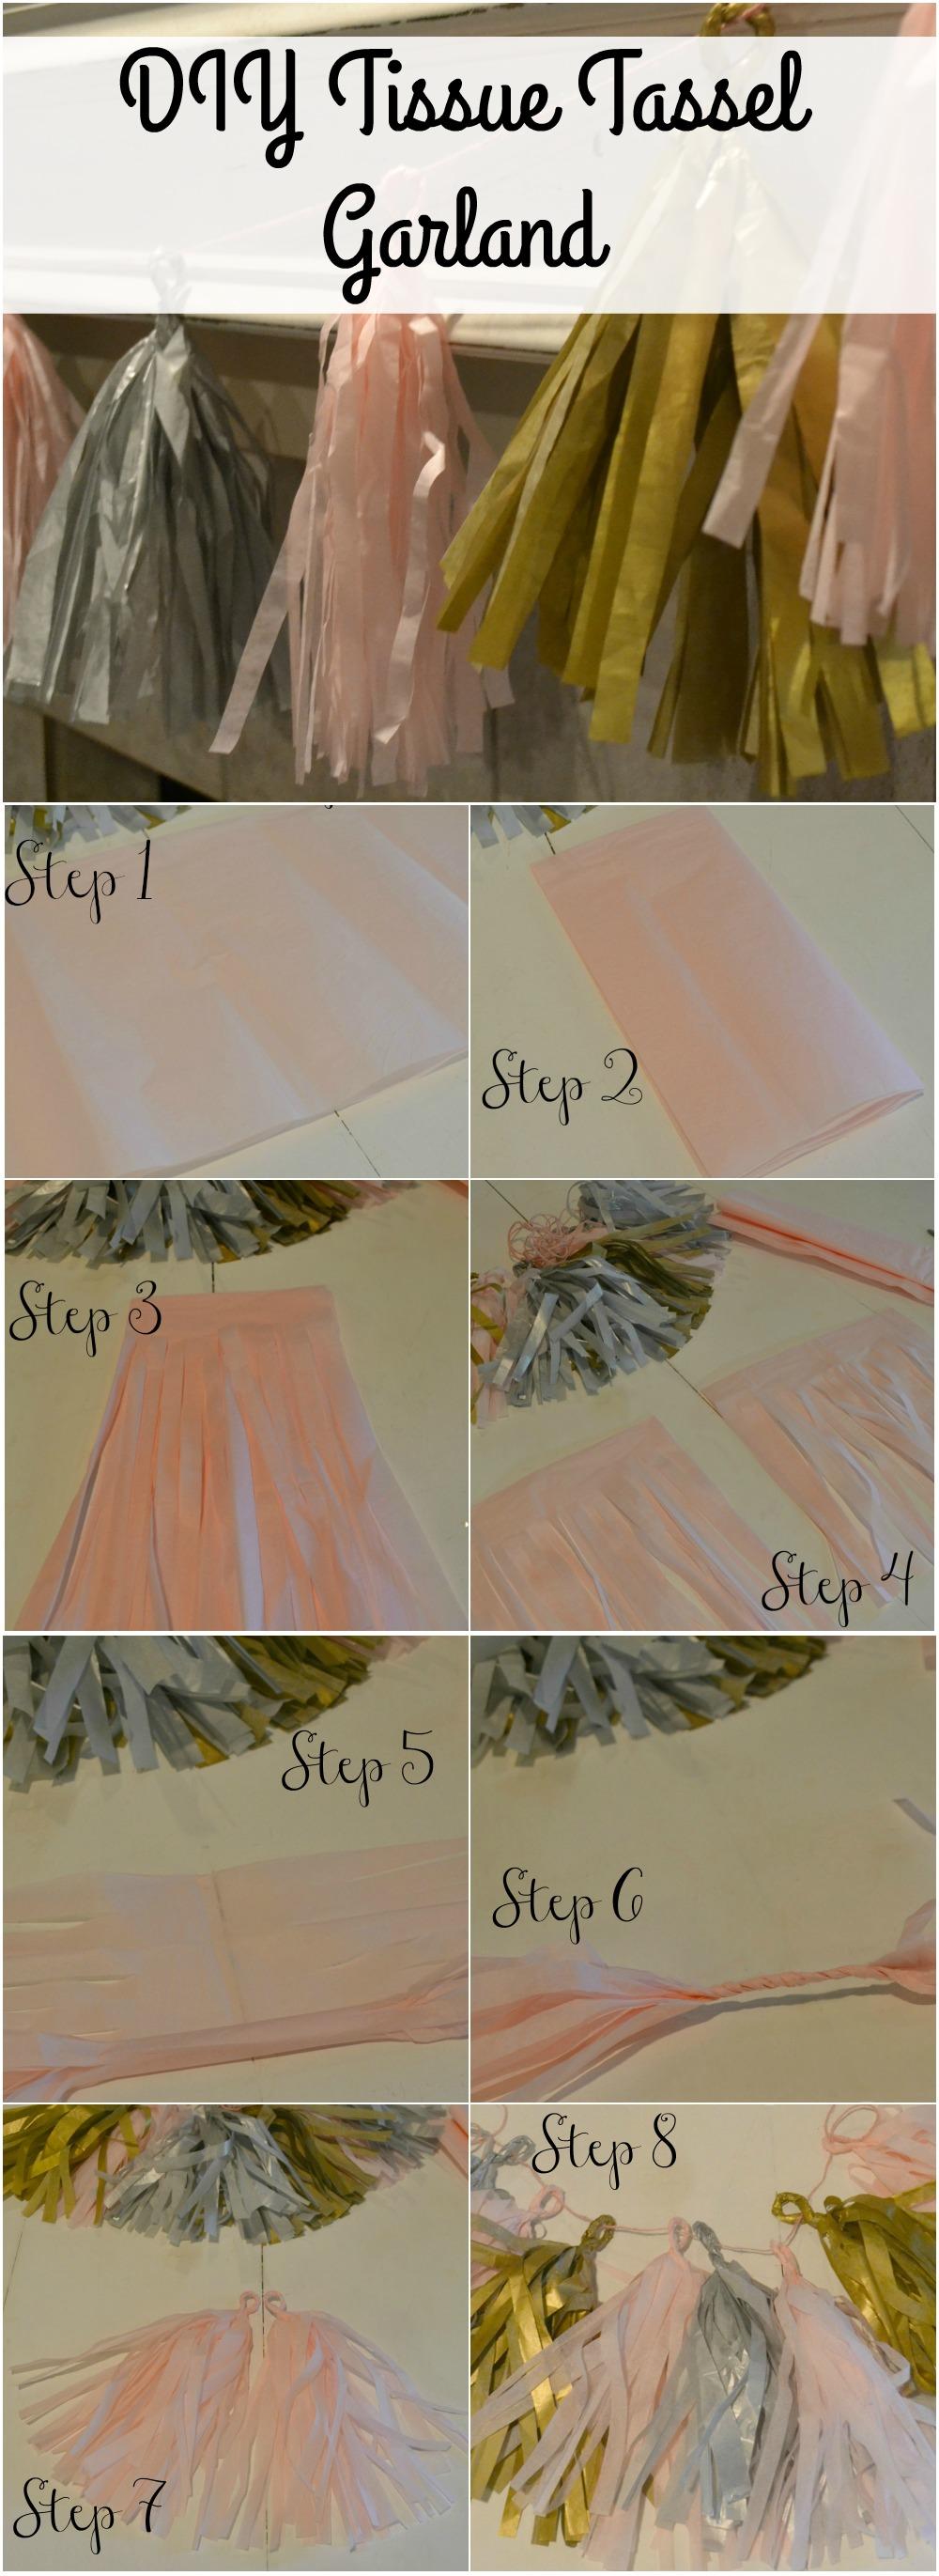 Tissue Tassel, Banner, Garland, Tissue, Party Banner, DIY